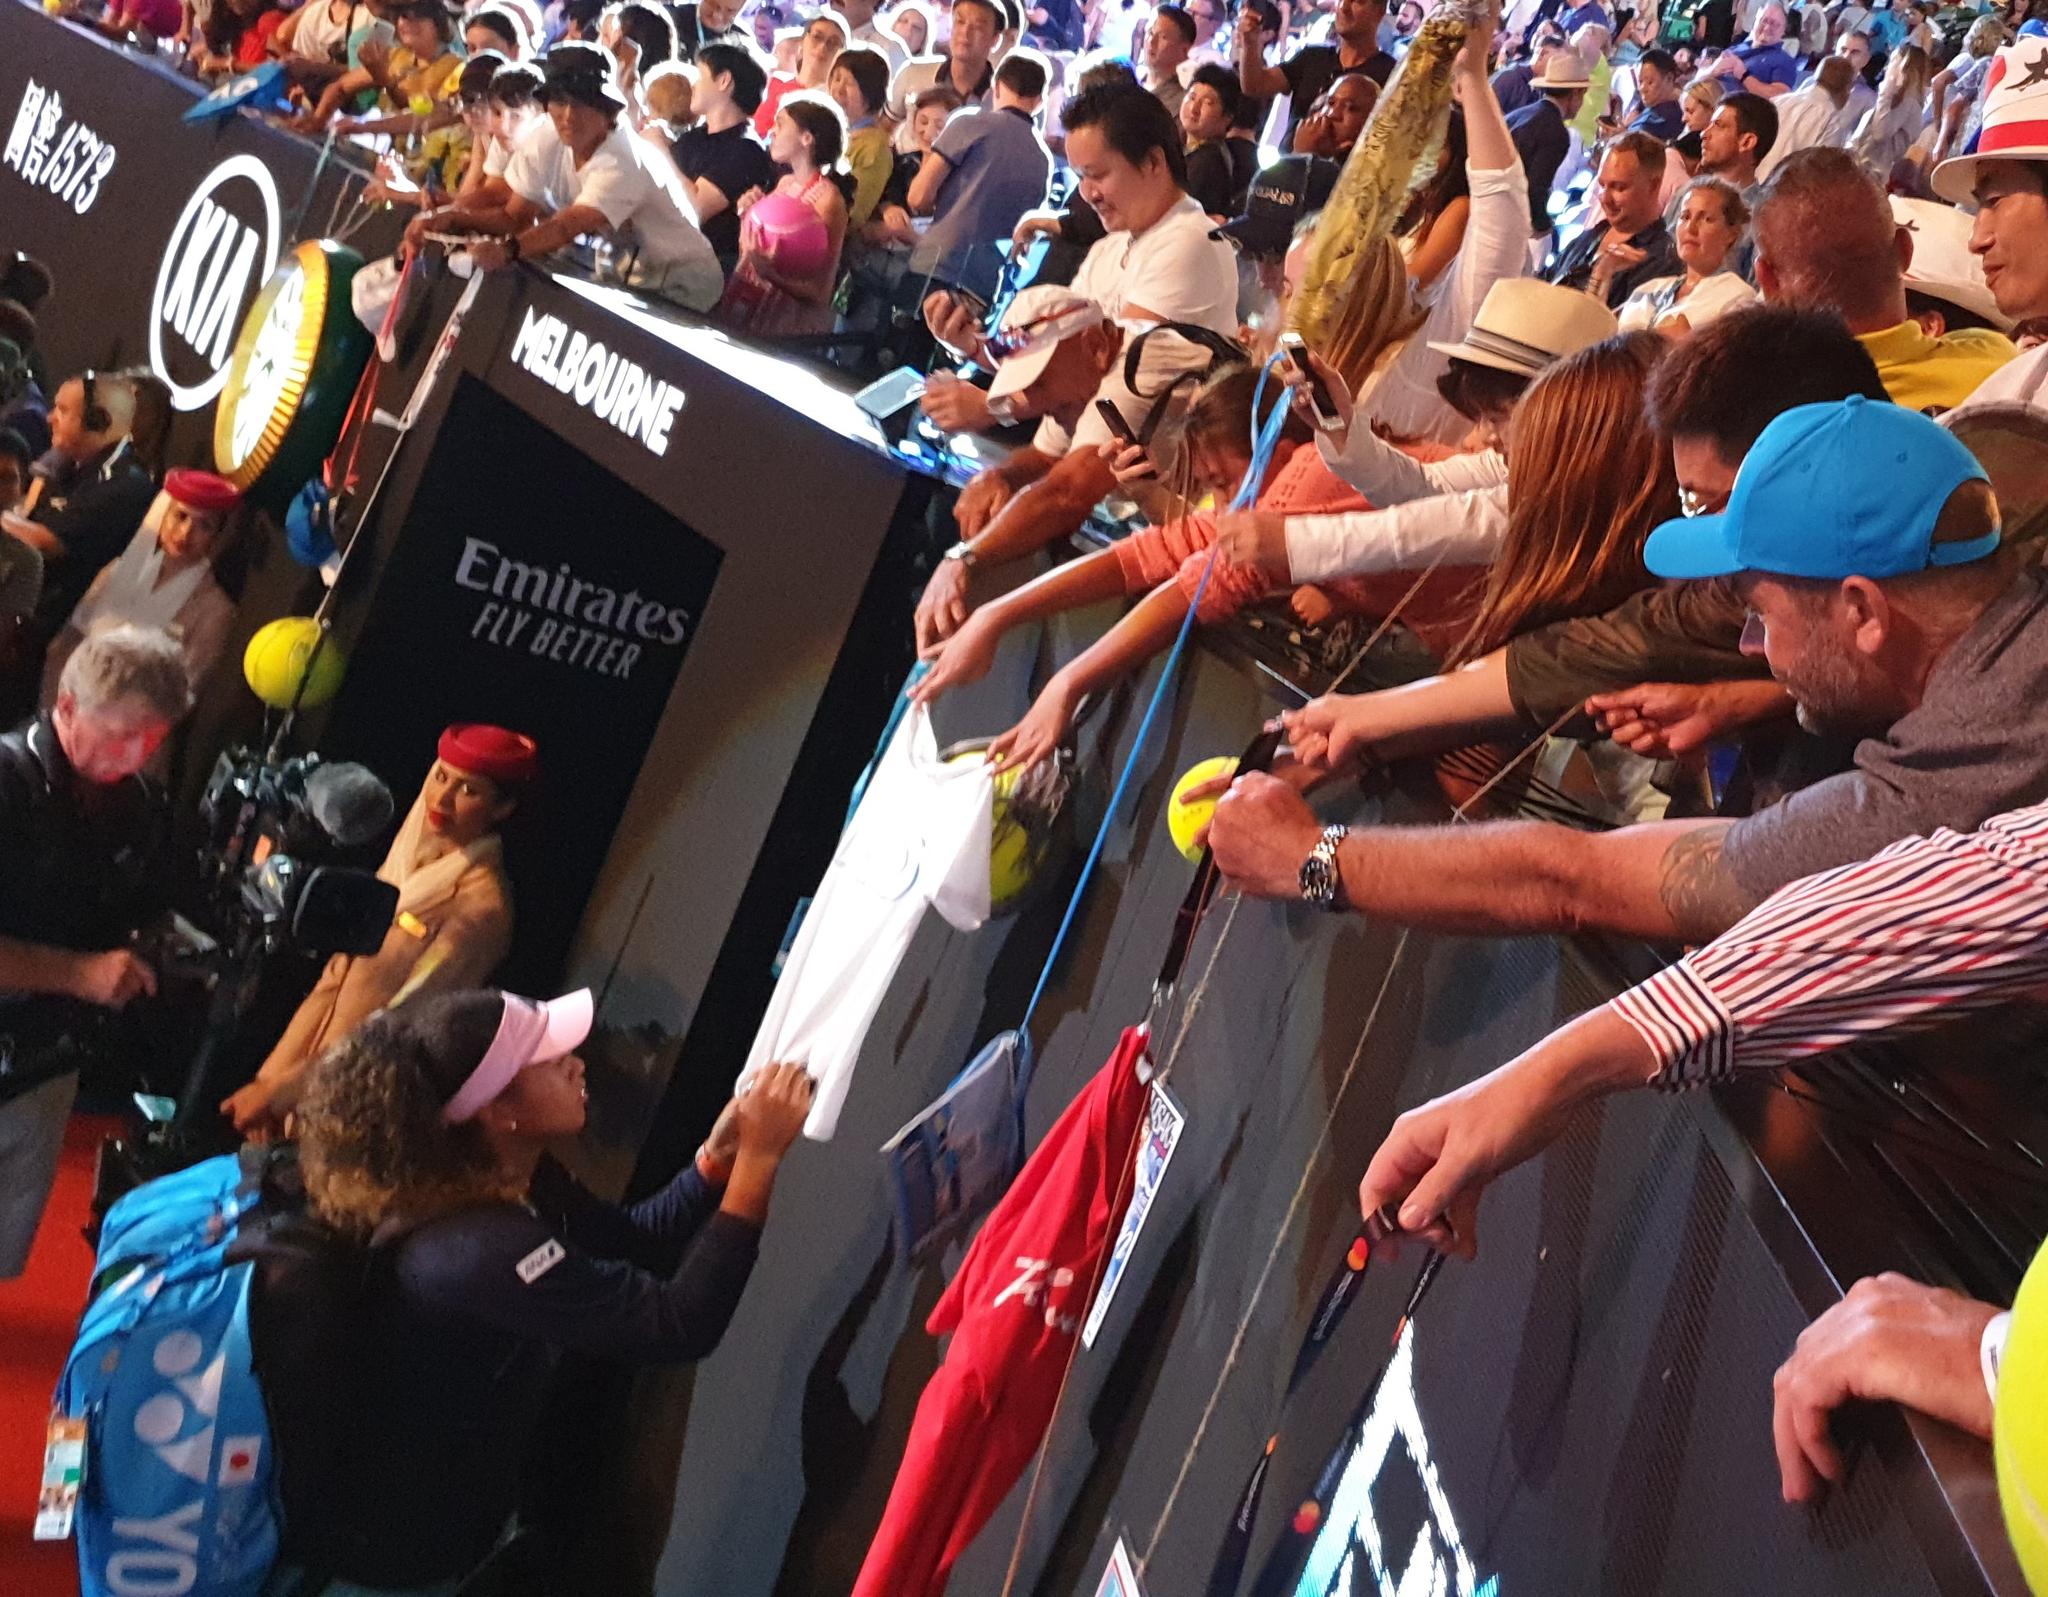 이재아가 지난해 1월 호주오픈 경기장 관중석에서 오사카 나오미에게 사인받고 있다. 이번에는 멜버른파크 코트에서 직접 뛴다. [사진 이재아 제공]